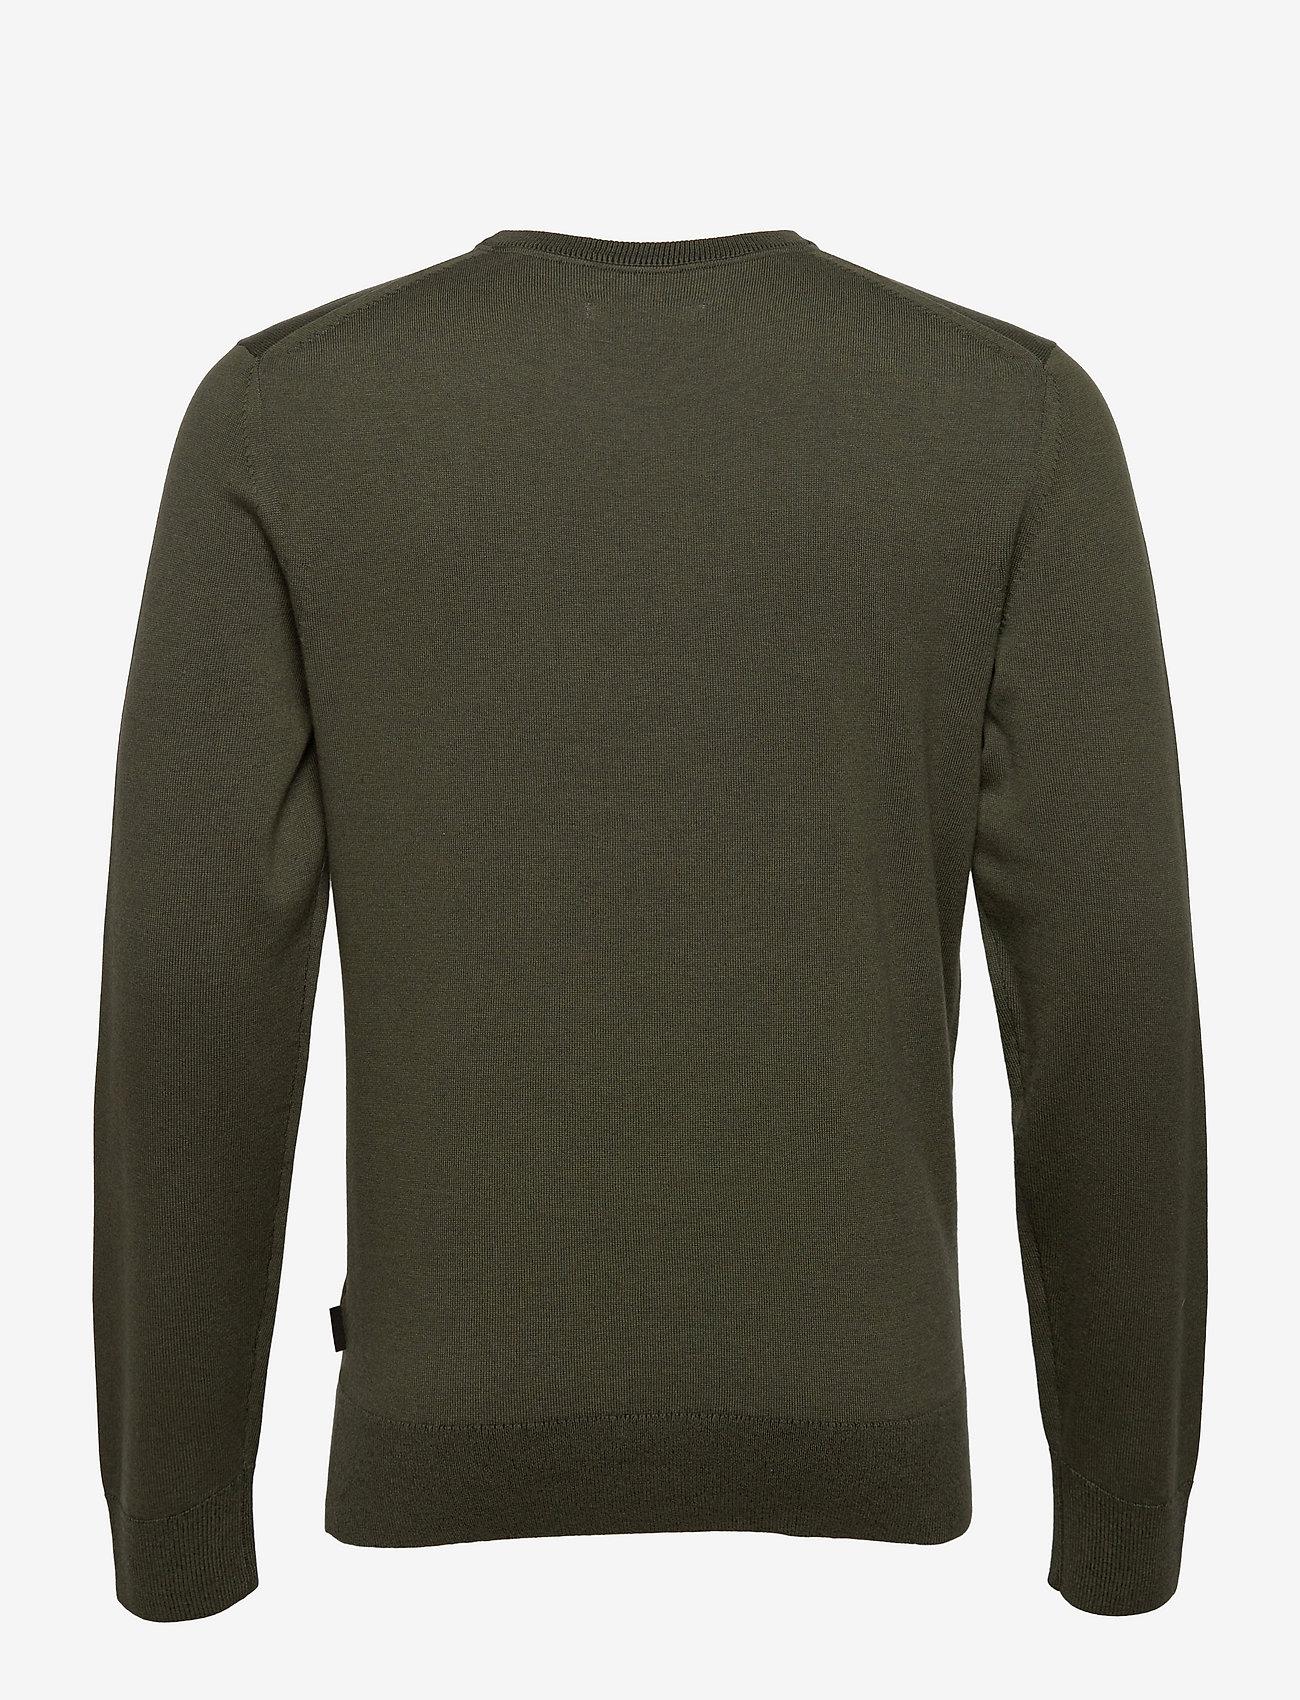 Calvin Klein - COTTON SILK C-NECK SWEATER - basic gebreide truien - dark olive - 1